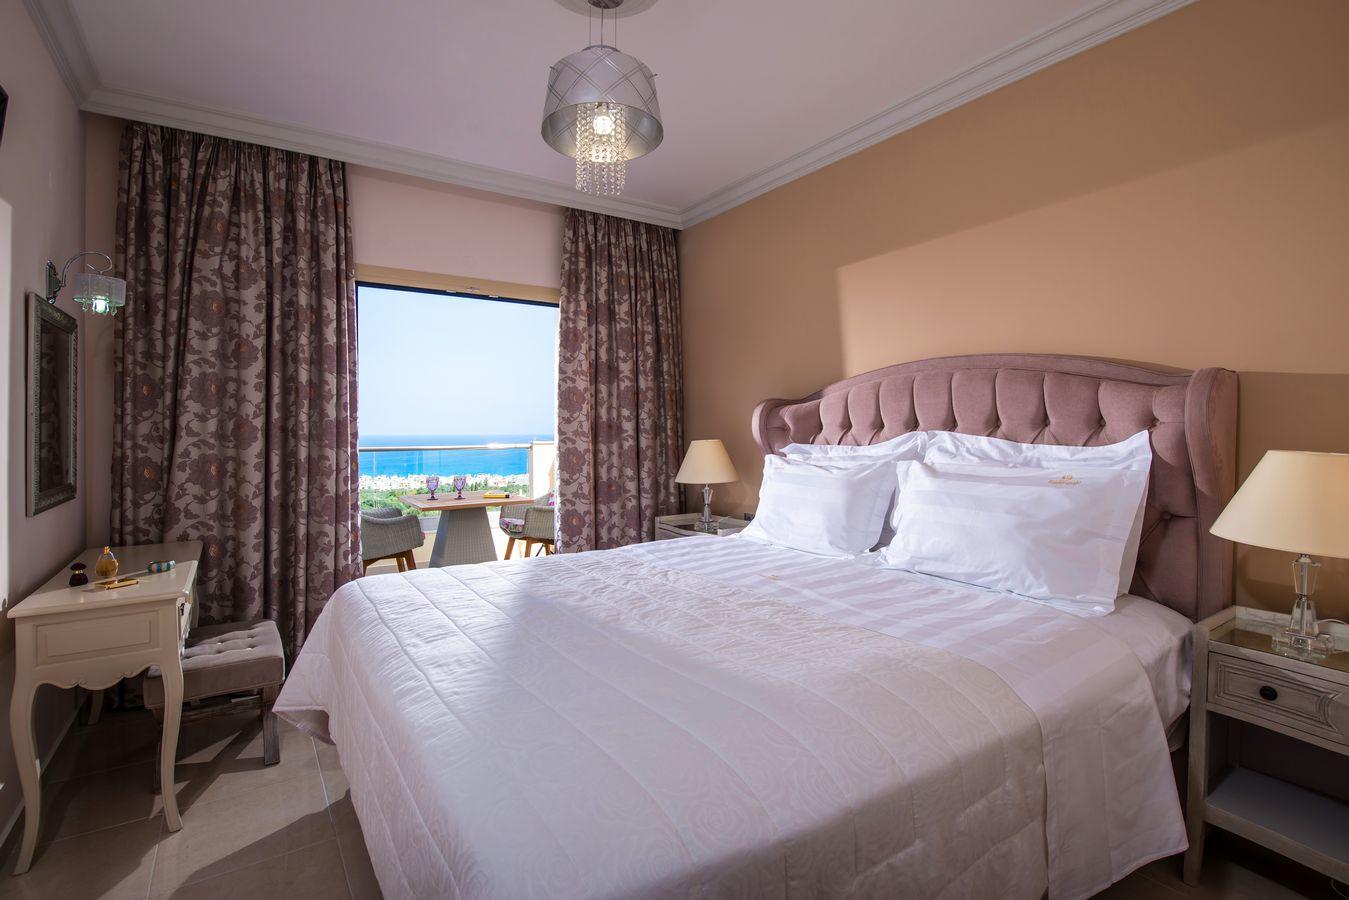 2 bedroom + 2 bathroom sea view suite master bedroom - Pilots Villas Hersonissos Crete